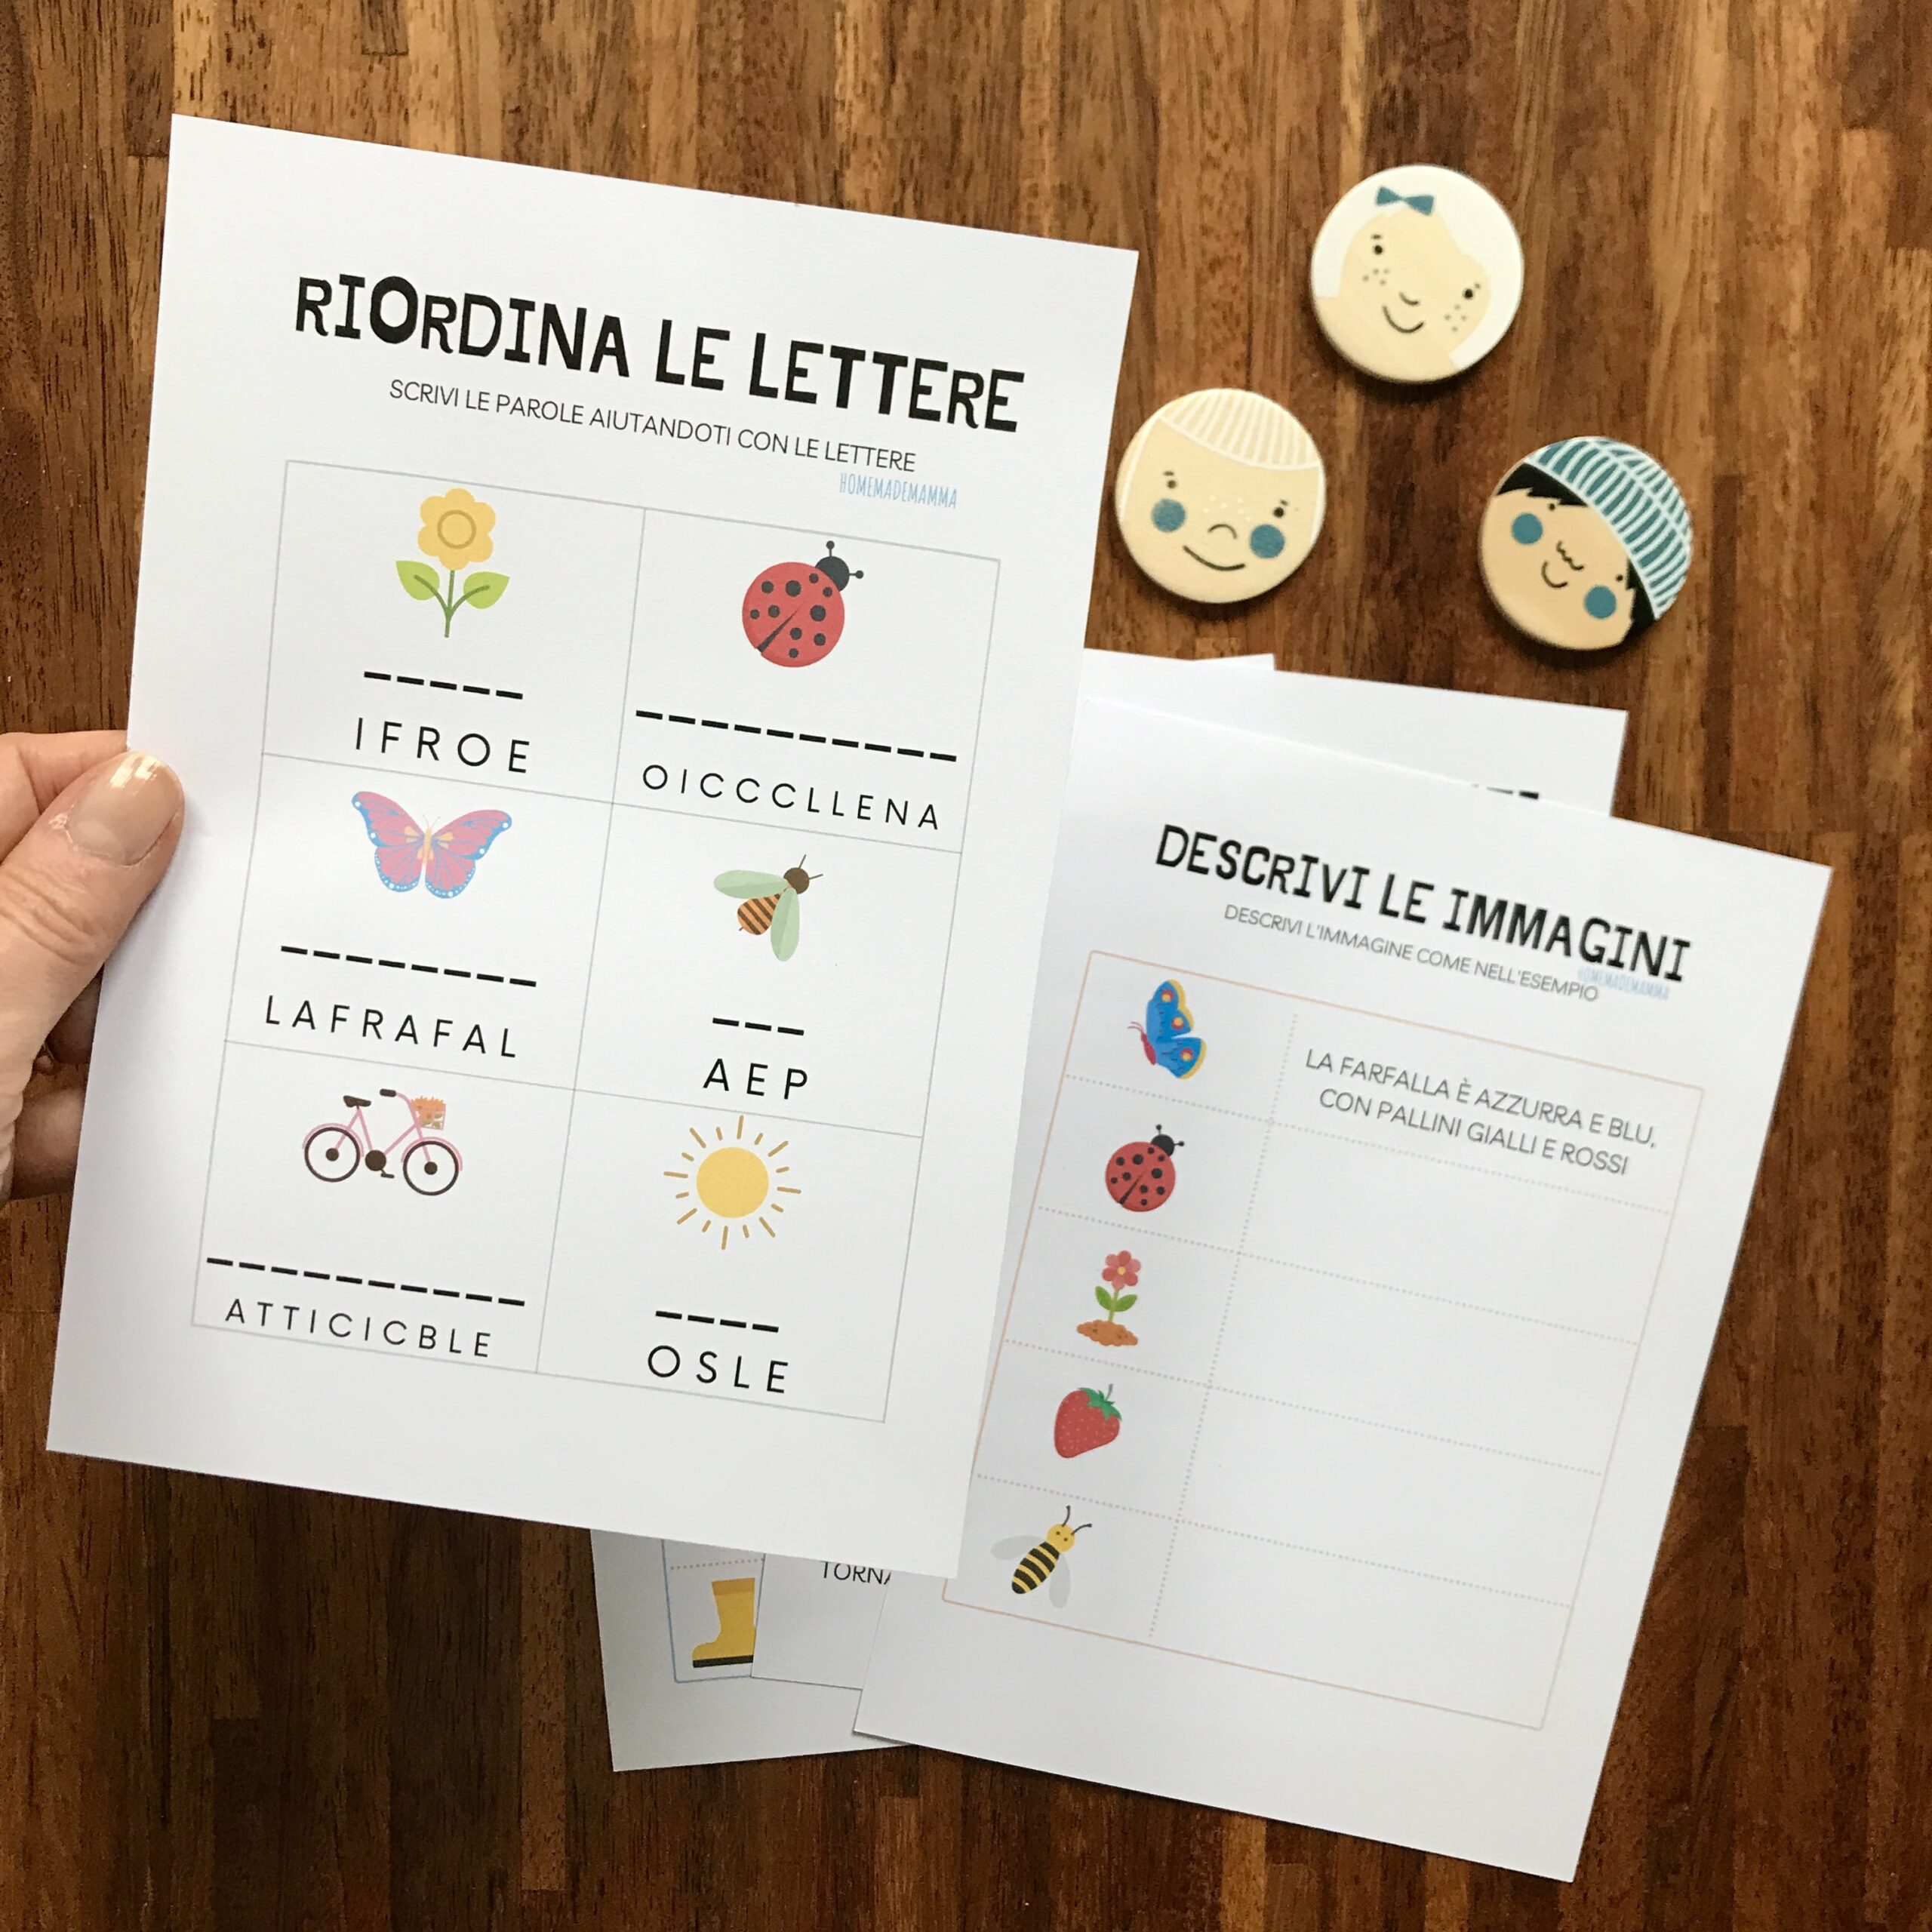 schede didattiche di italiano da stampare sulla primaverada stampare